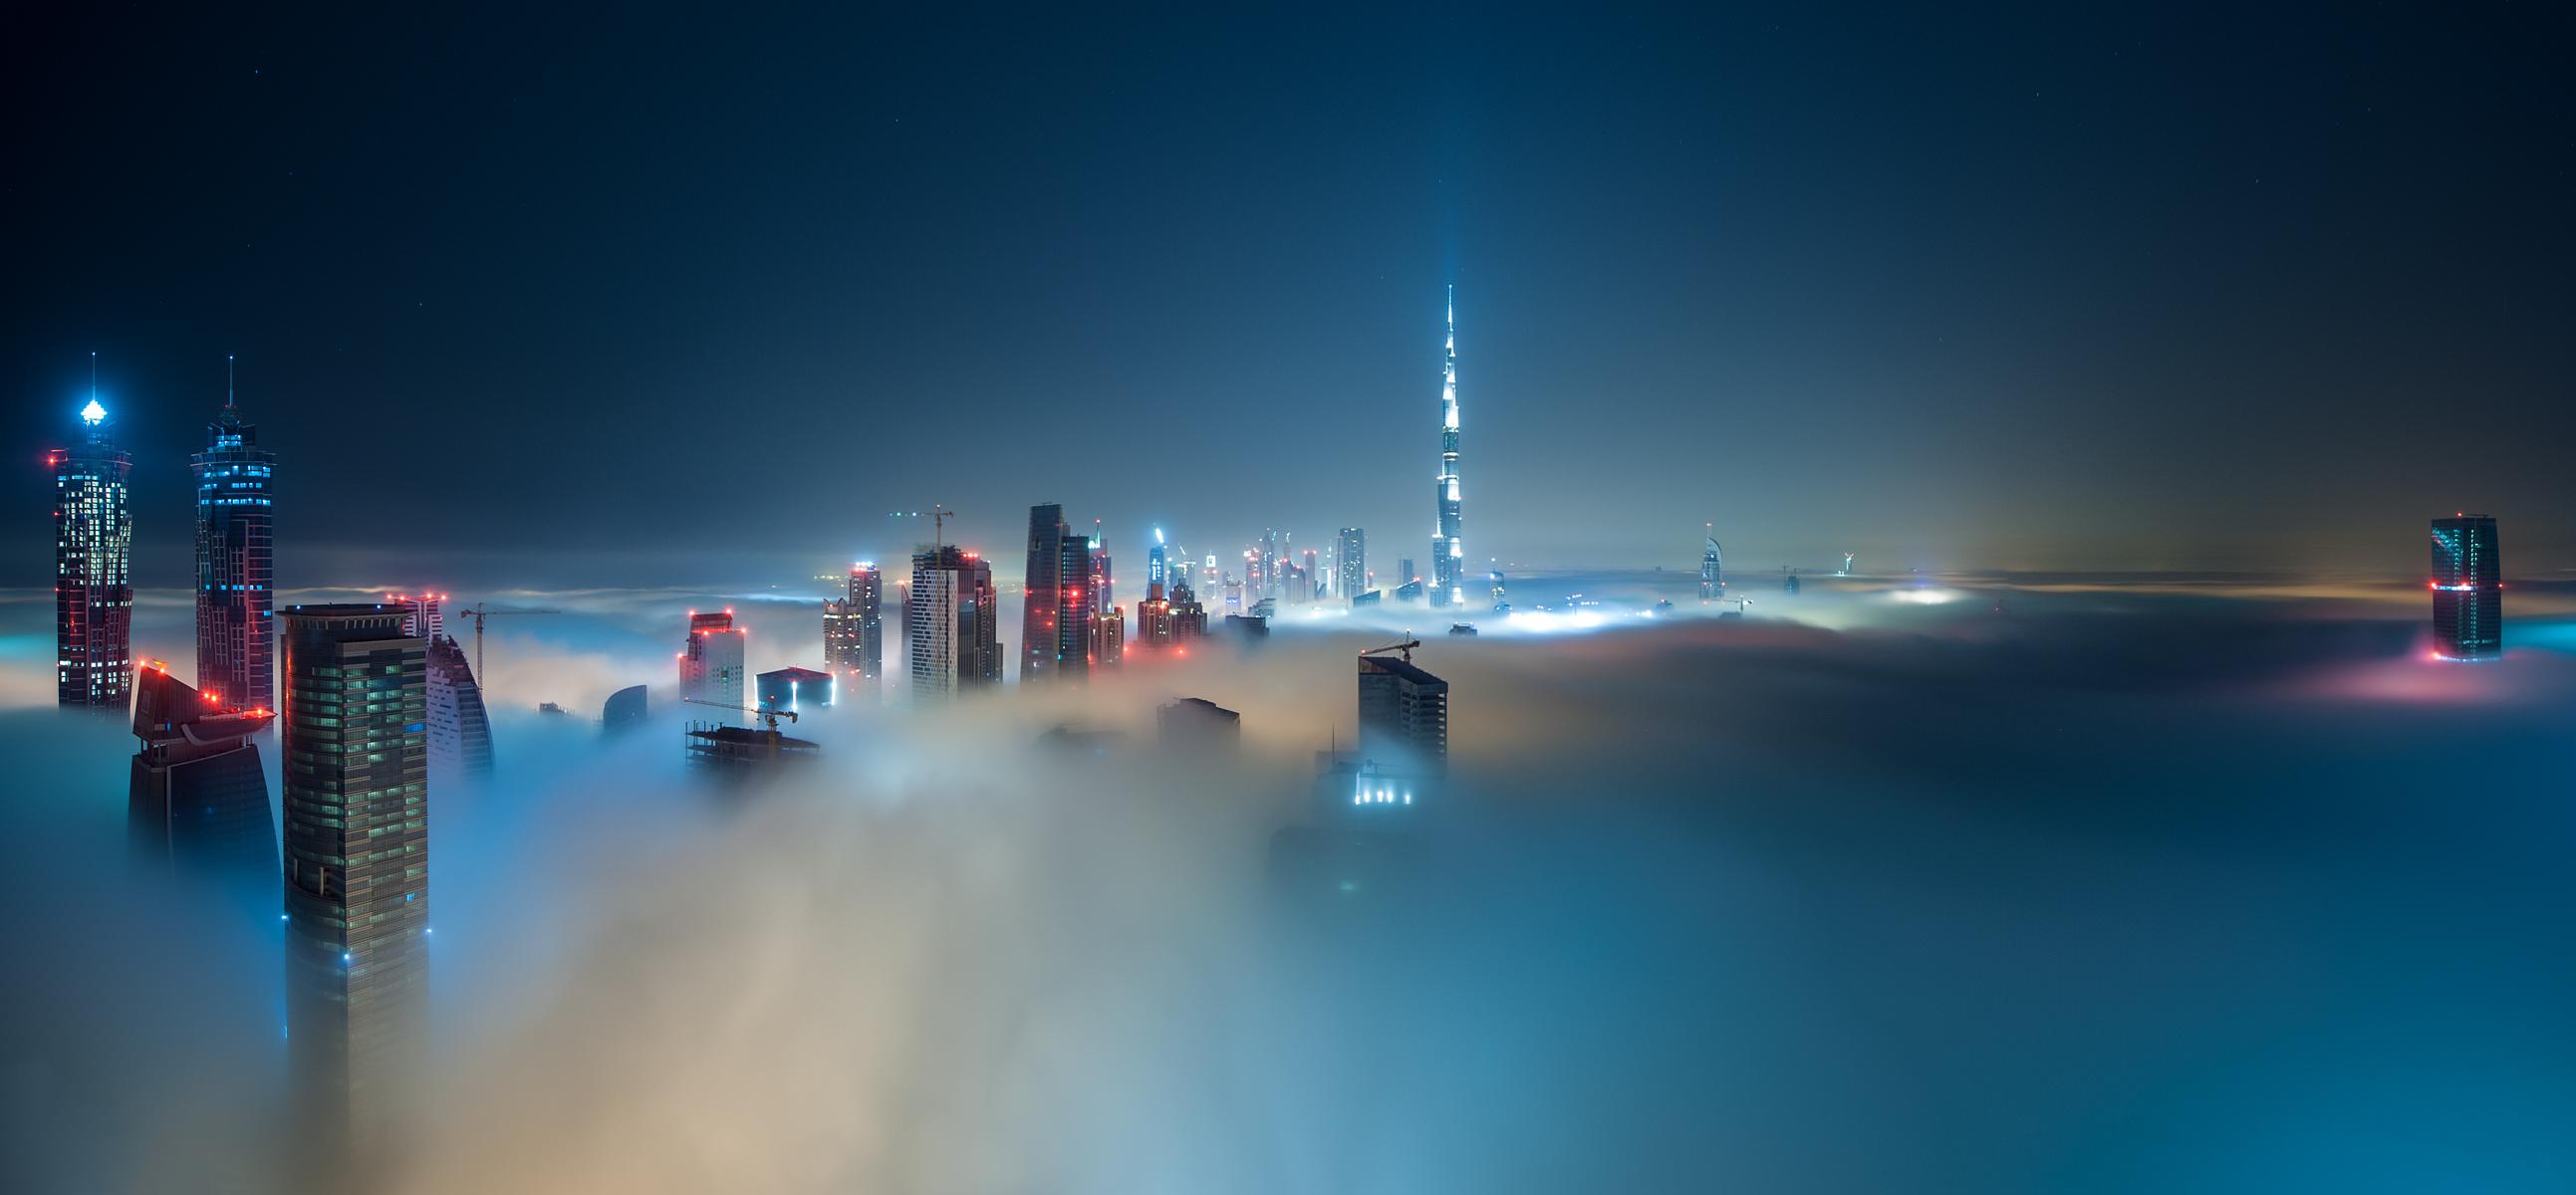 Fantastic Wallpaper Night Dubai - 732819  Graphic-38620.png